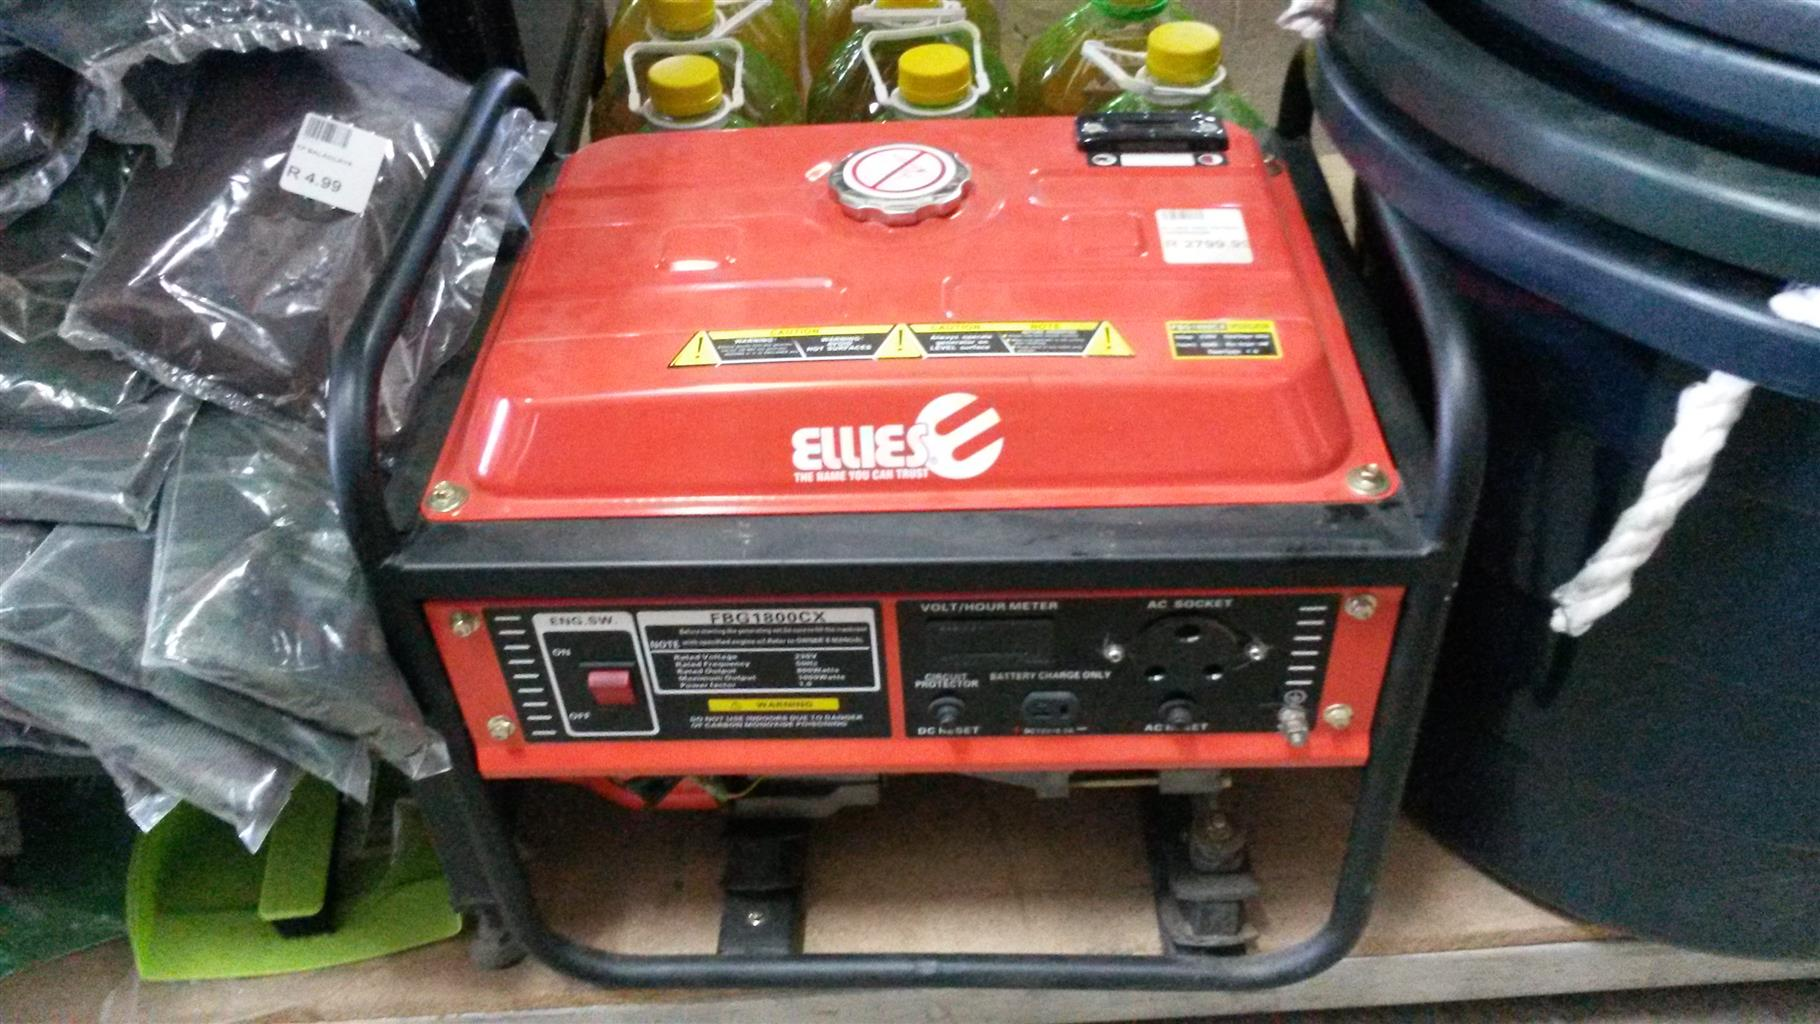 Generator (Petrol) ELLIES 1KW